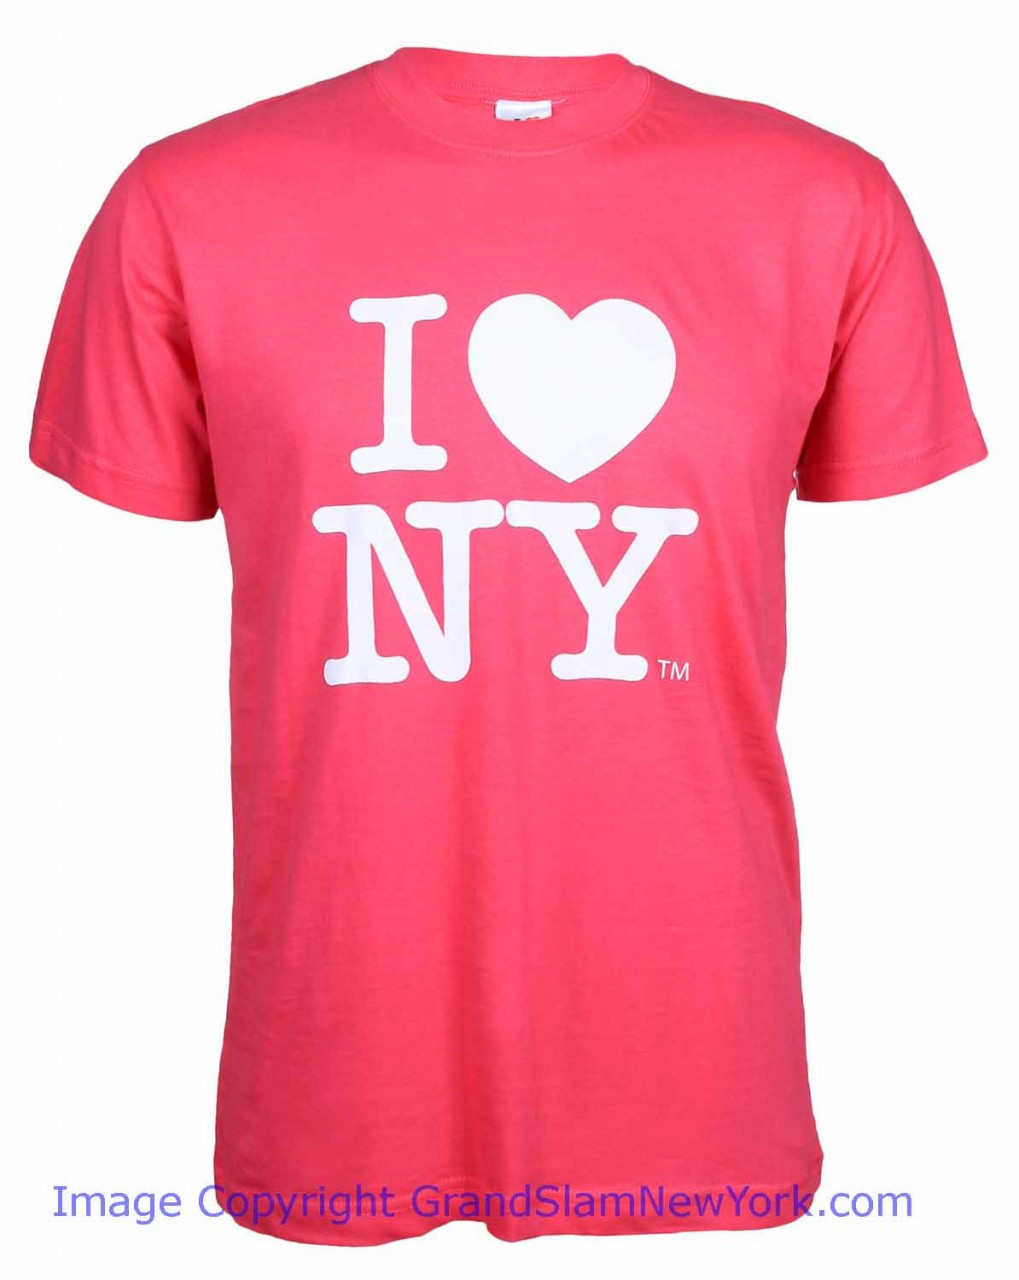 b4f7988a Hot Pink I Love NY T-Shirt Photo. Loading zoom